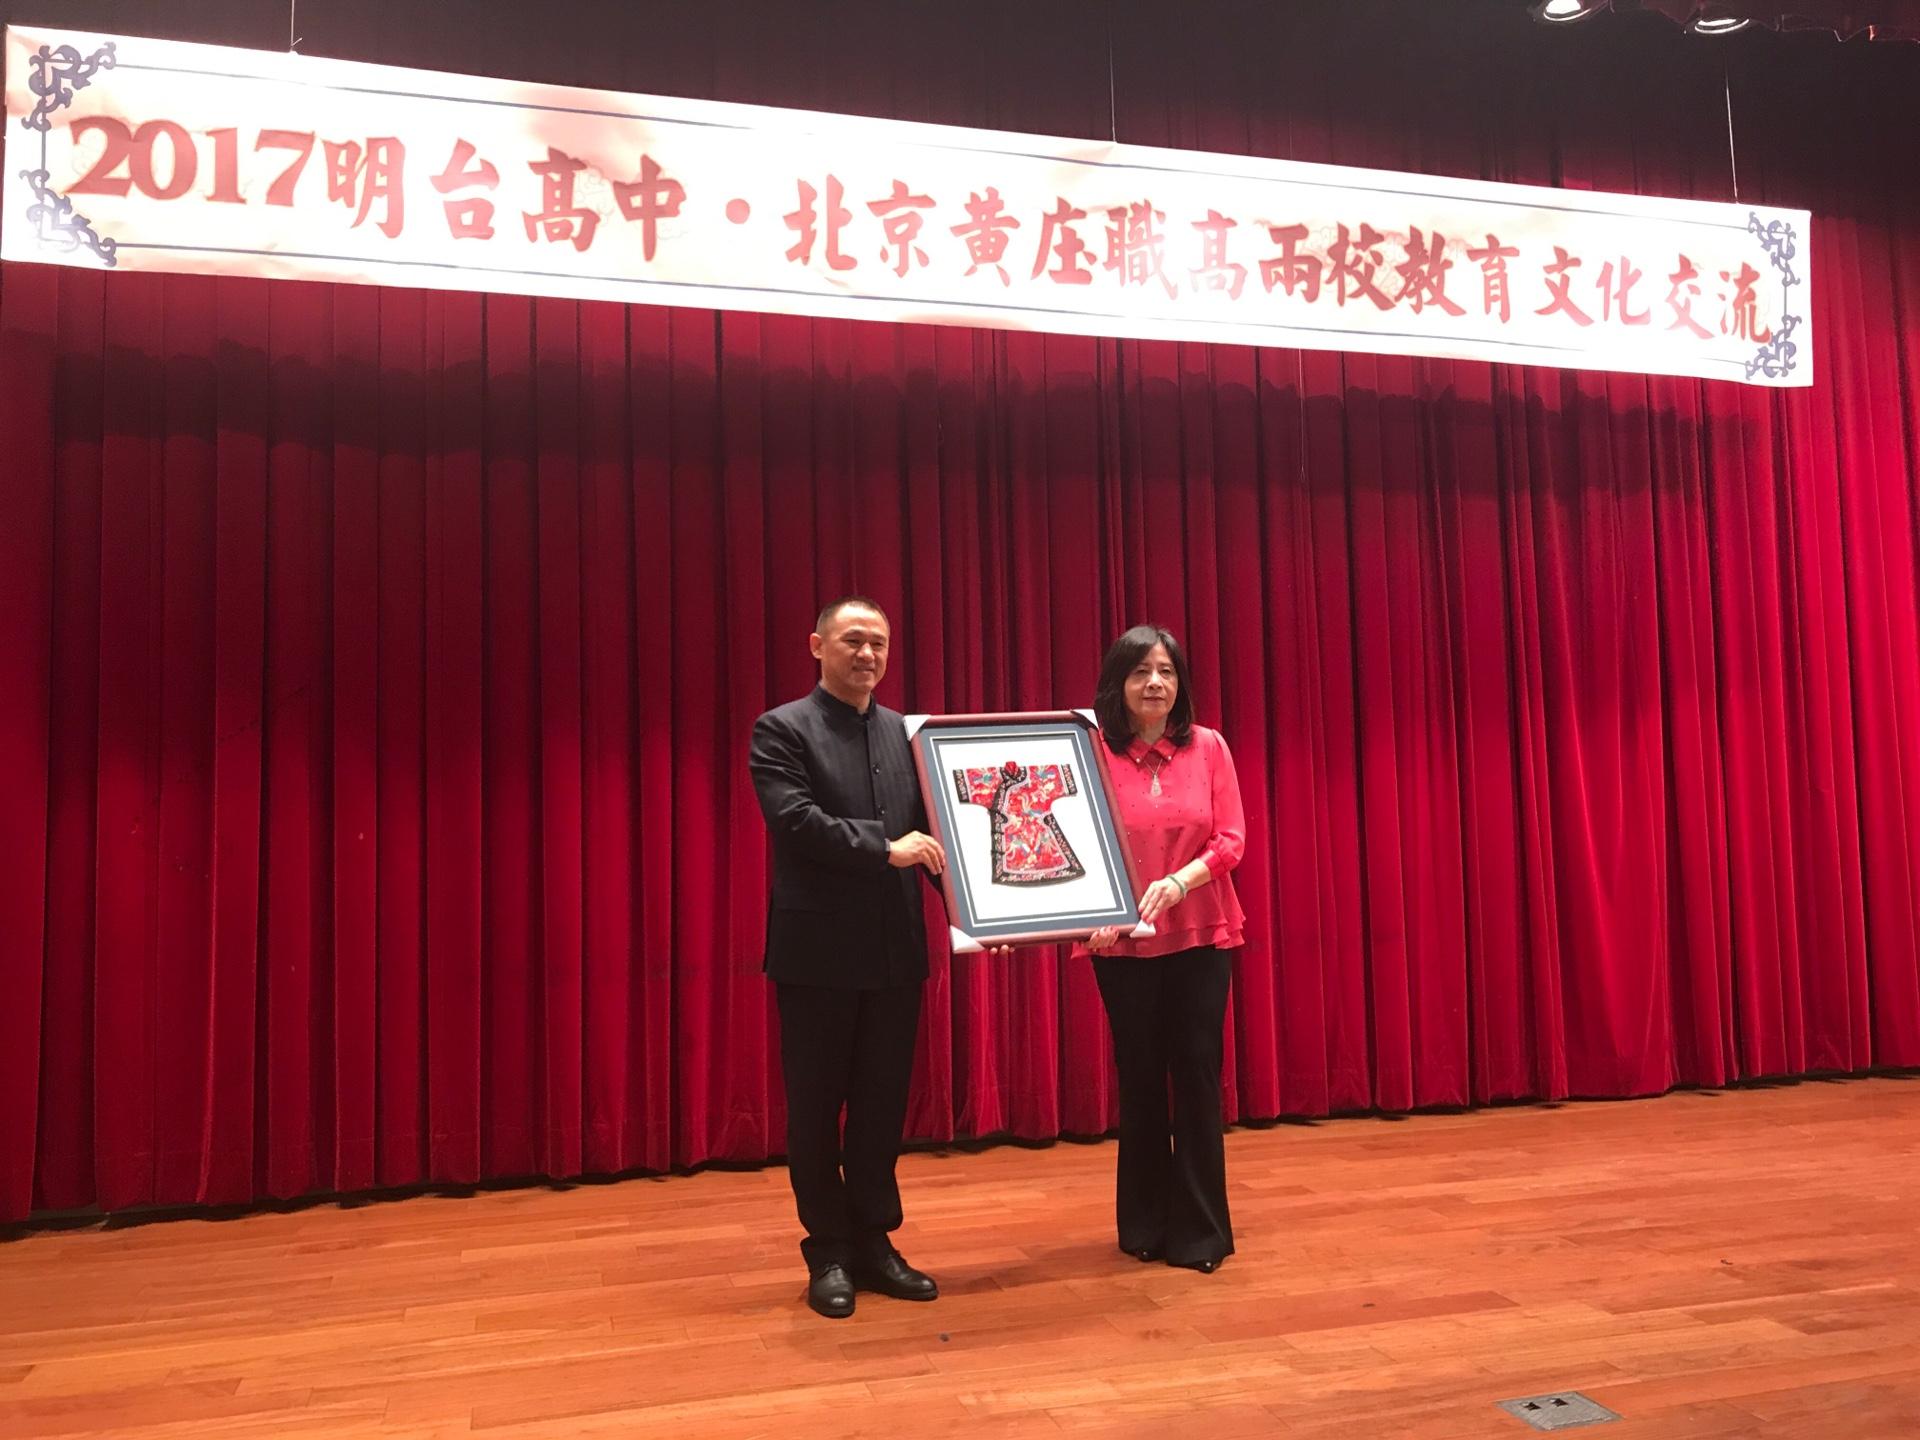 北京黃莊職業高中參訪明台高中 進行教育文化交流